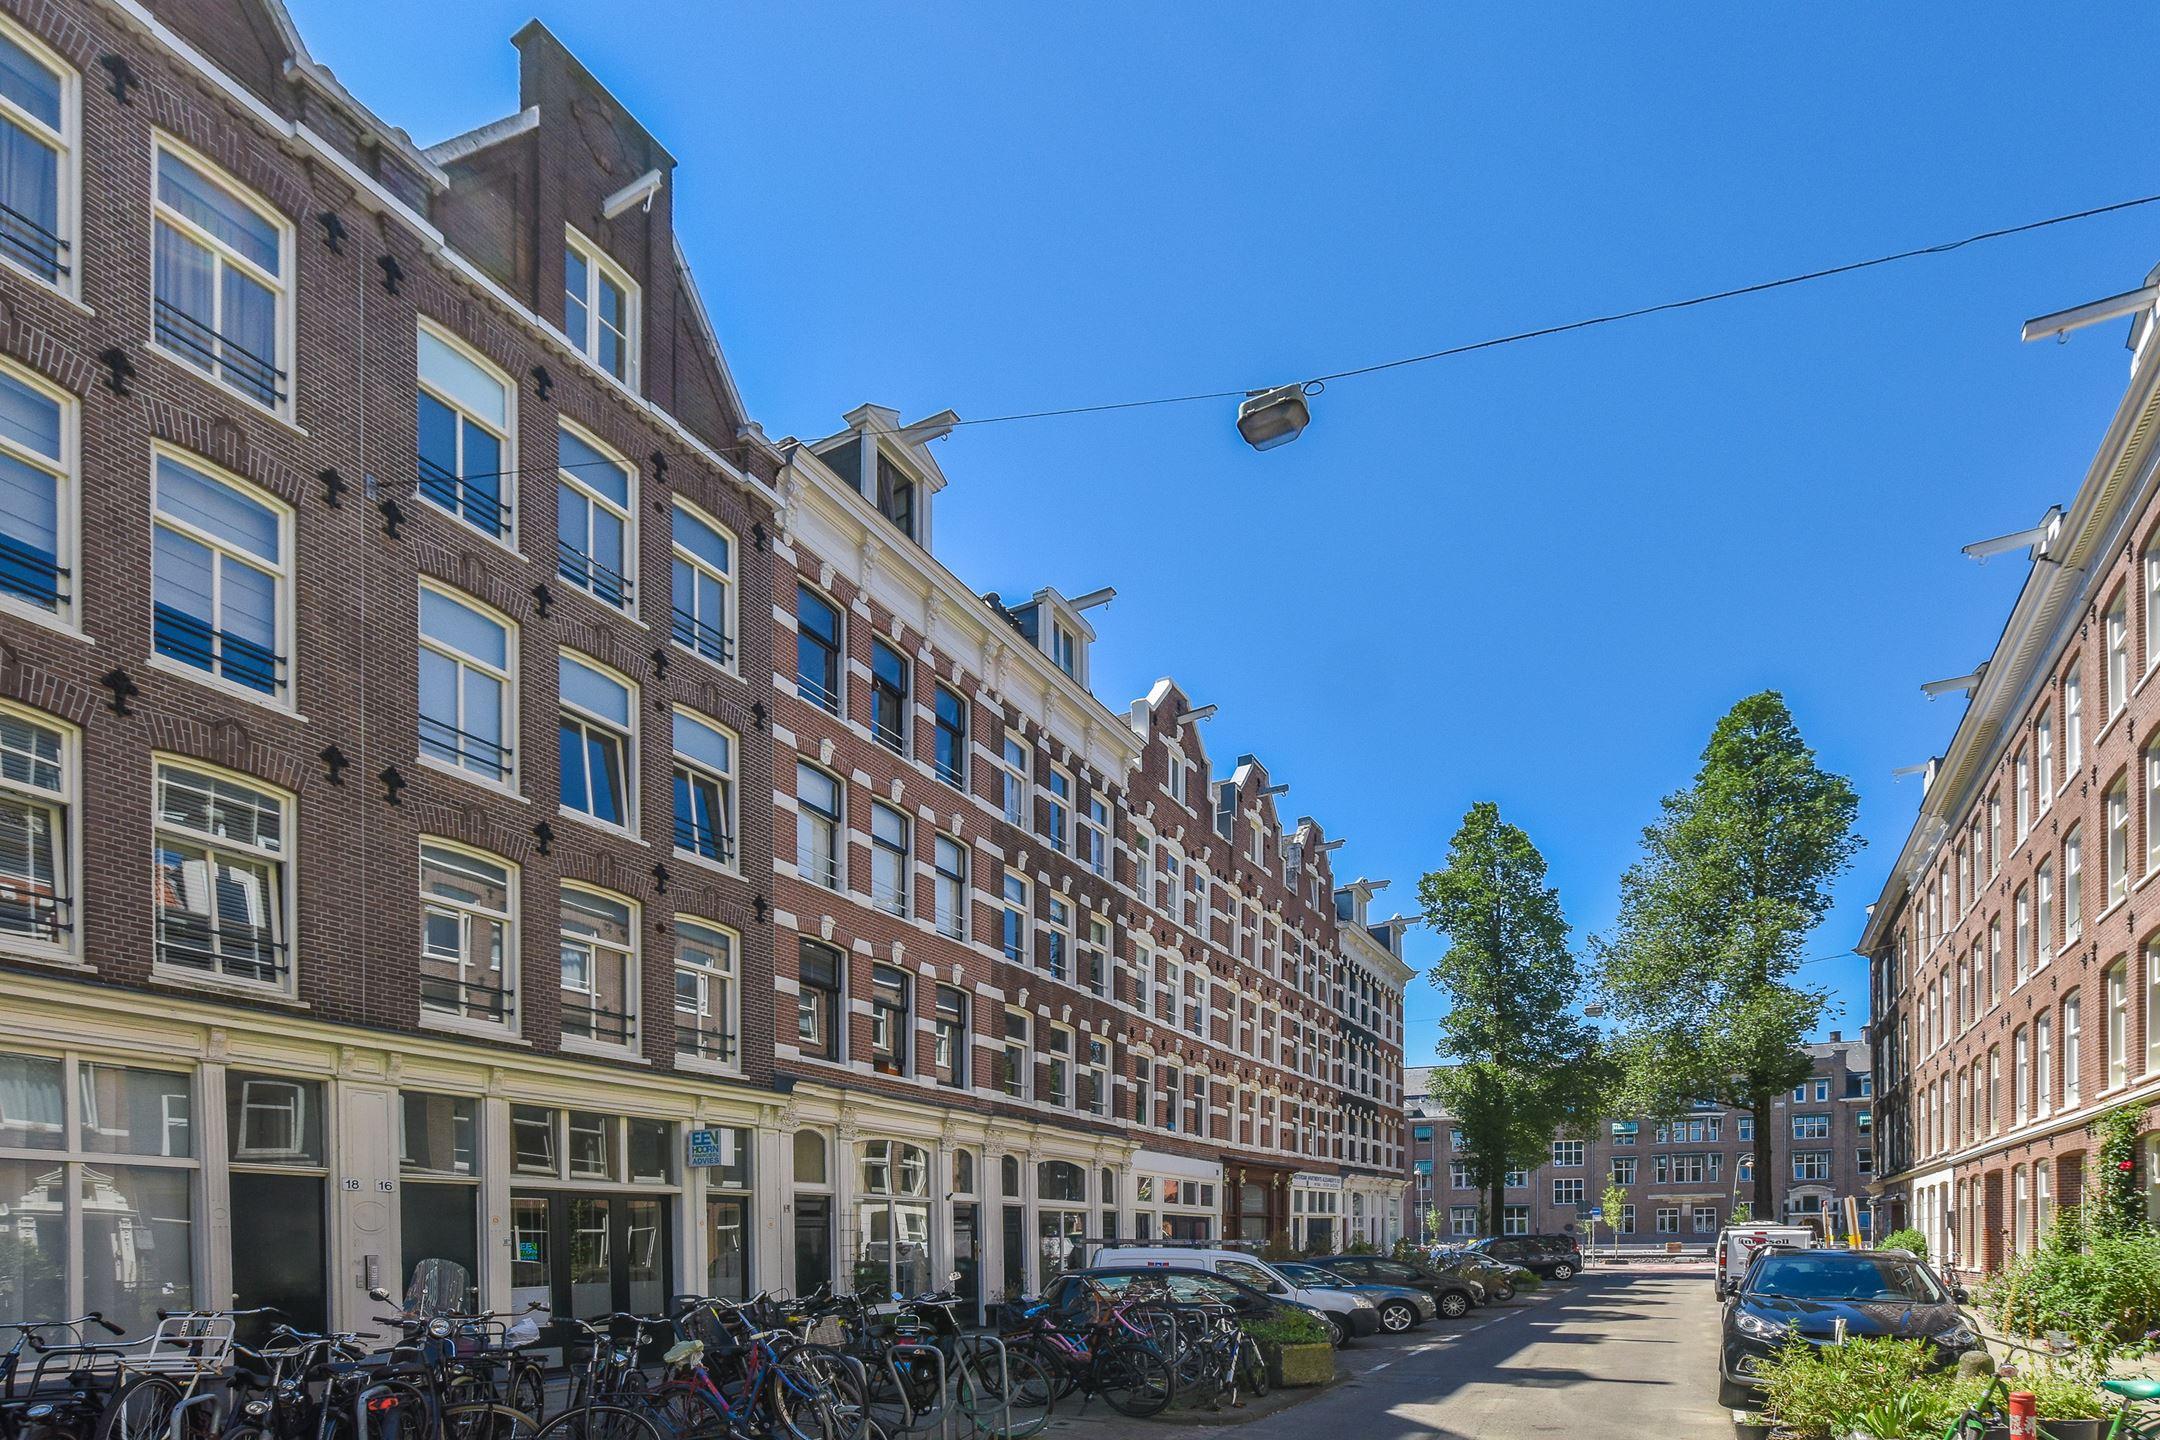 zolderkamertje in Amsterdam